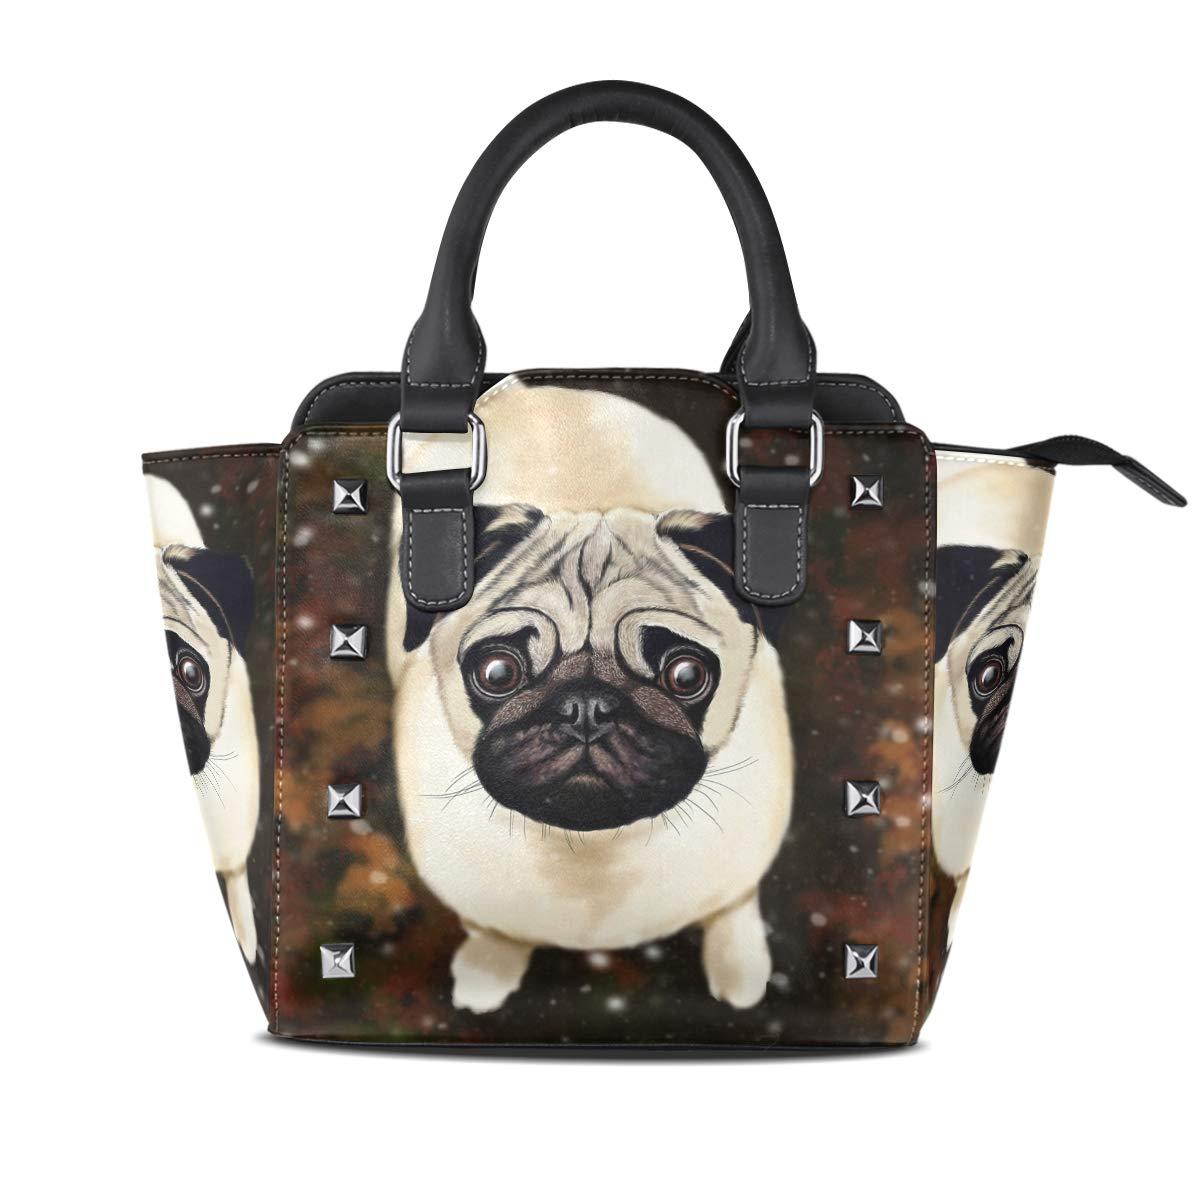 Design3 Handbag Bees And Flowers Genuine Leather Tote Rivet Bag Shoulder Strap Top Handle Women